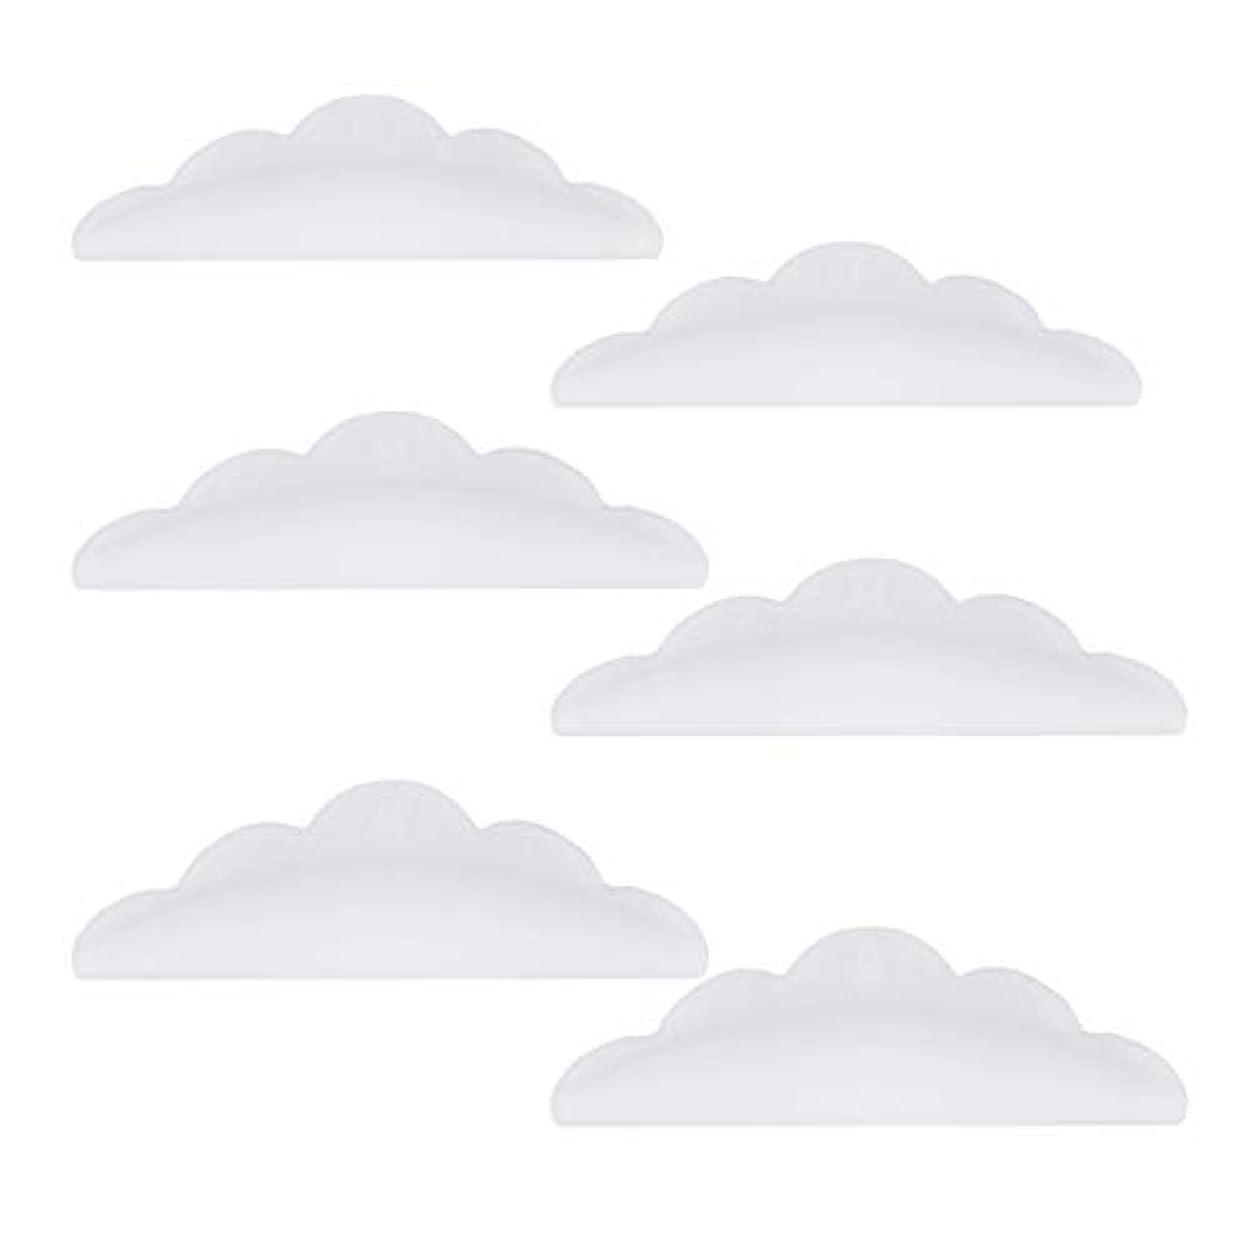 虚偽発明するカプセルLurrose 24本のシリコーンまつげパーマカーラーシールドパッド化粧道具(ホワイト)